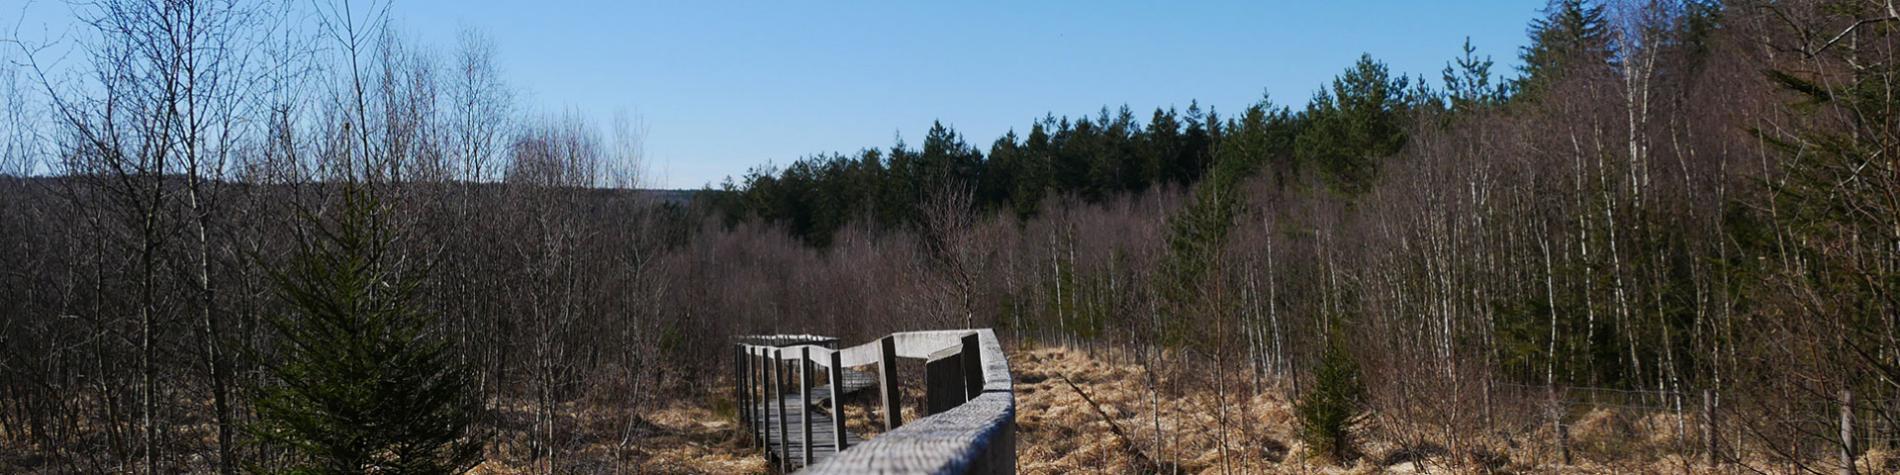 Forêt de la Semois -la Houille - terre sauvage - massif naturel - Printemps - Gedinne - Croix Scaille - Fange de l'Abime